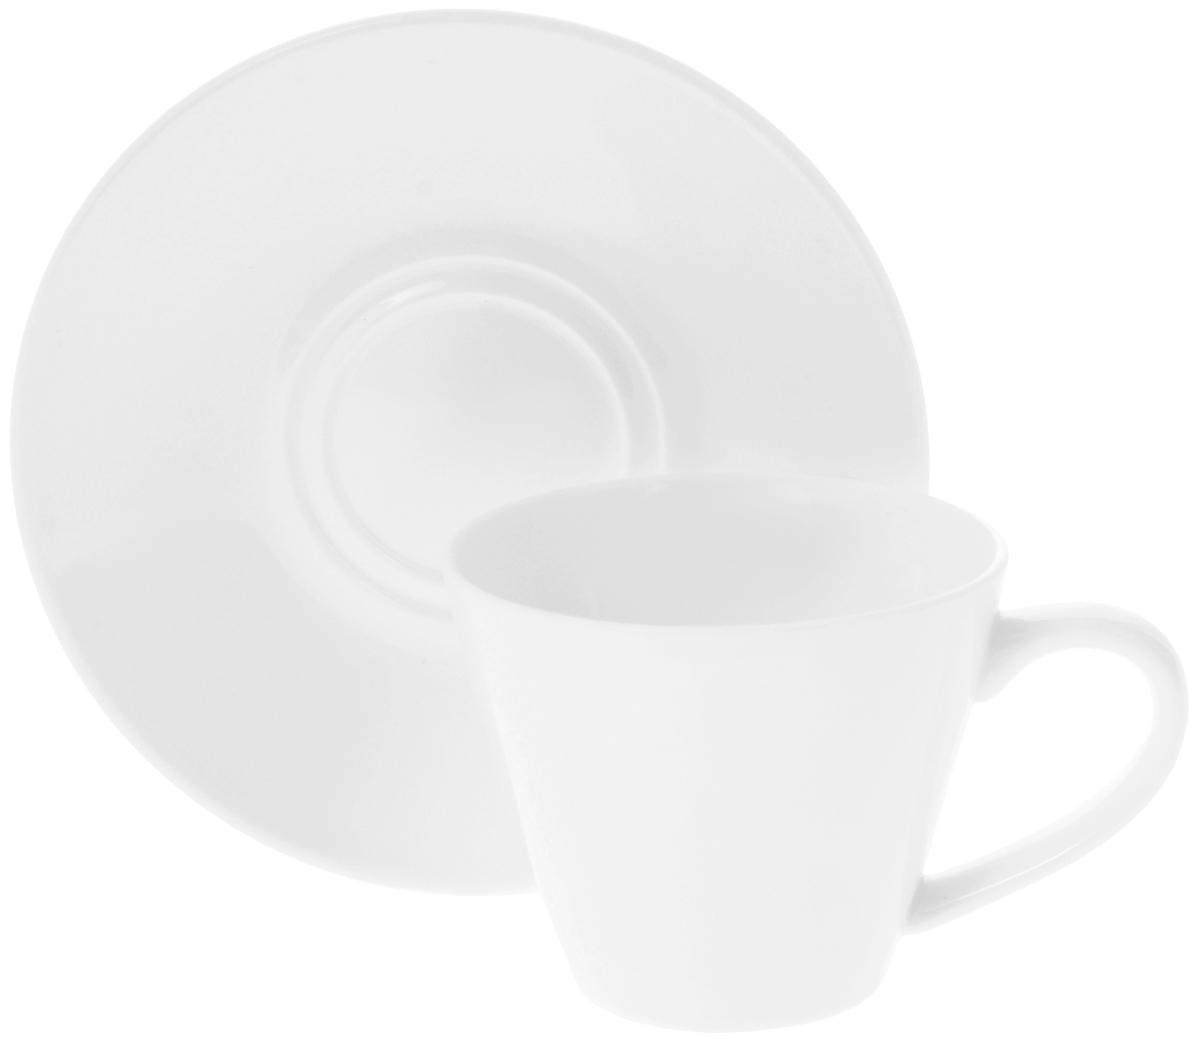 Чайная пара Wilmax, 2 предмета. WL-993004WL-993004 / ABЧайная пара Wilmax состоит из чашки и блюдца, выполненных из высококачественного фарфора и оформленных в классическом стиле. Оригинальный дизайн обязательно придется вам по вкусу. Чайная пара Wilmax украсит ваш кухонный стол, а также станет замечательным подарком к любому празднику.Объем чашки: 180 мл.Диаметр чашки (по верхнему краю): 8 см.Диаметр основания чашки: 4,5 см.Высота чашки: 7 см.Диаметр блюдца: 14 см.